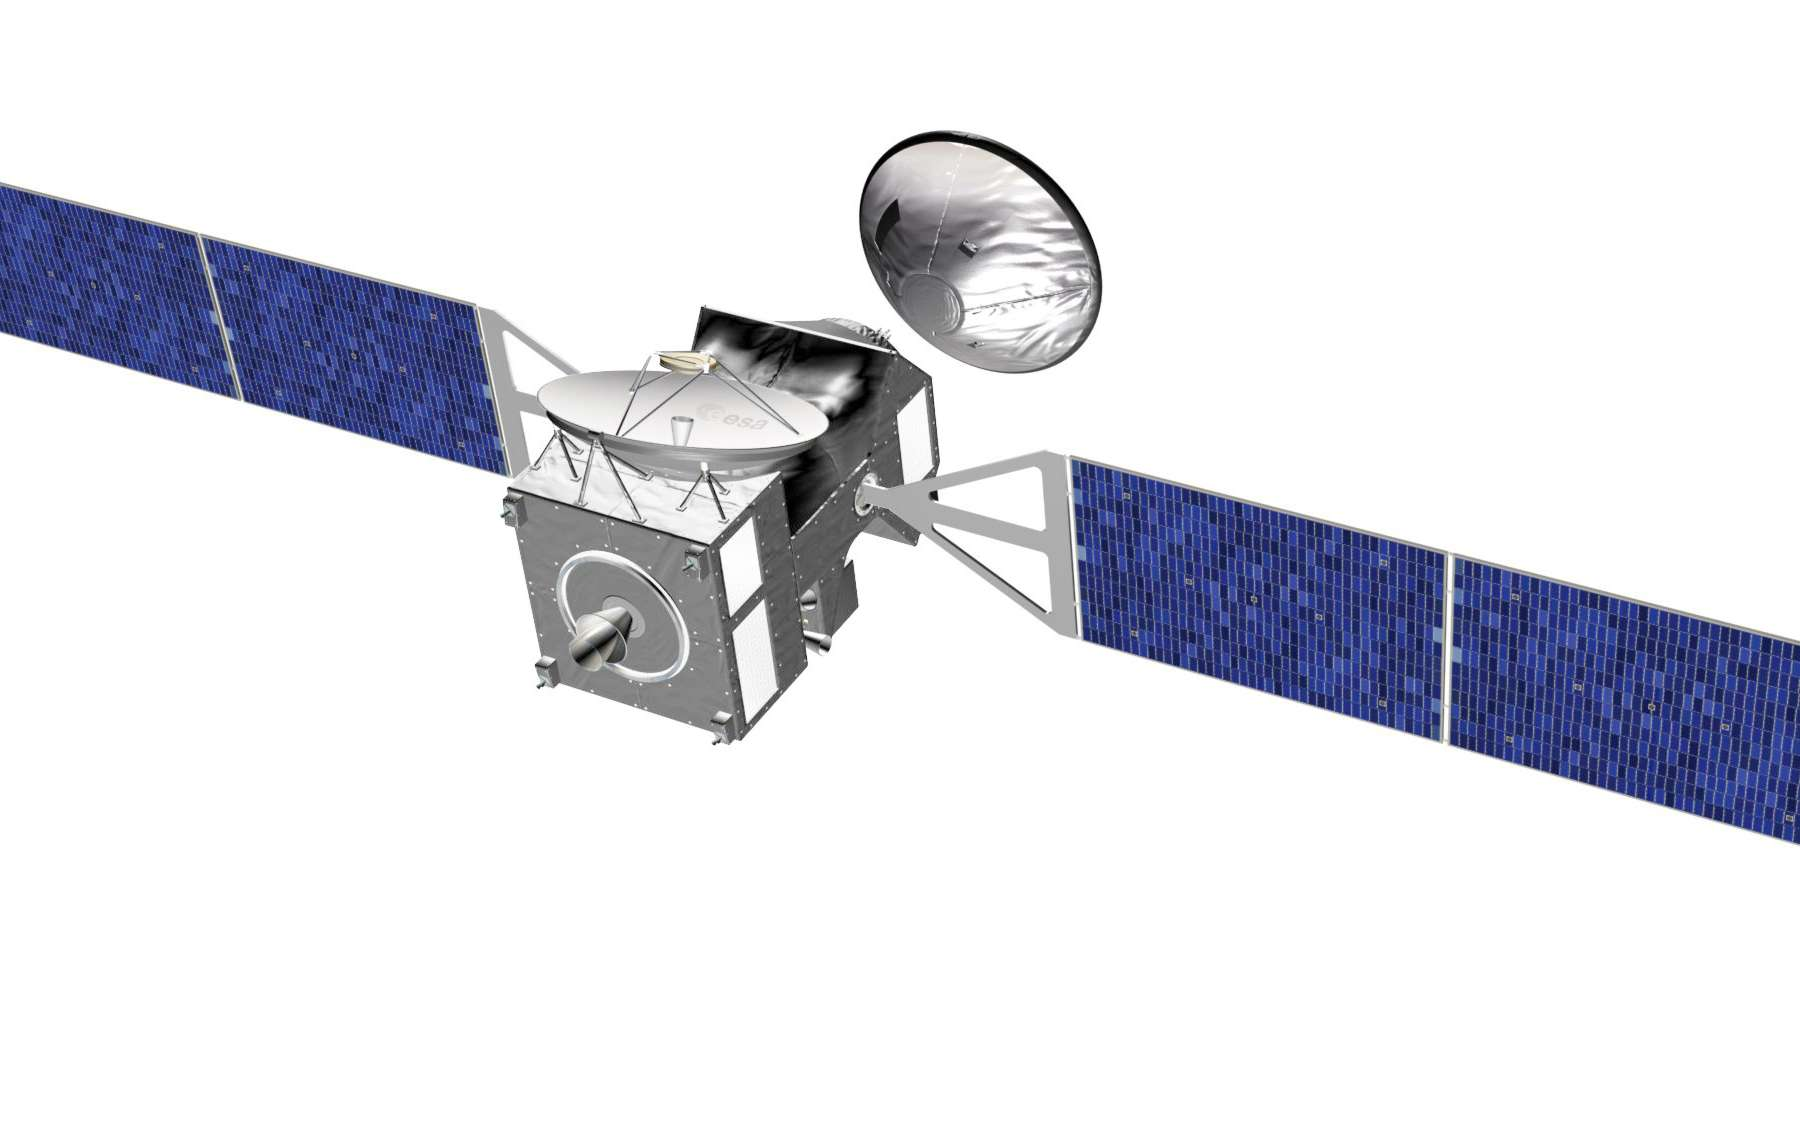 Lancés en 2016 par une fusée Atlas-5, l'orbiteur Trace Gas Orbiter d'ExoMars et l'atterrisseur EDM qu'il transportera mettront neuf mois à rejoindre Mars. © Esa